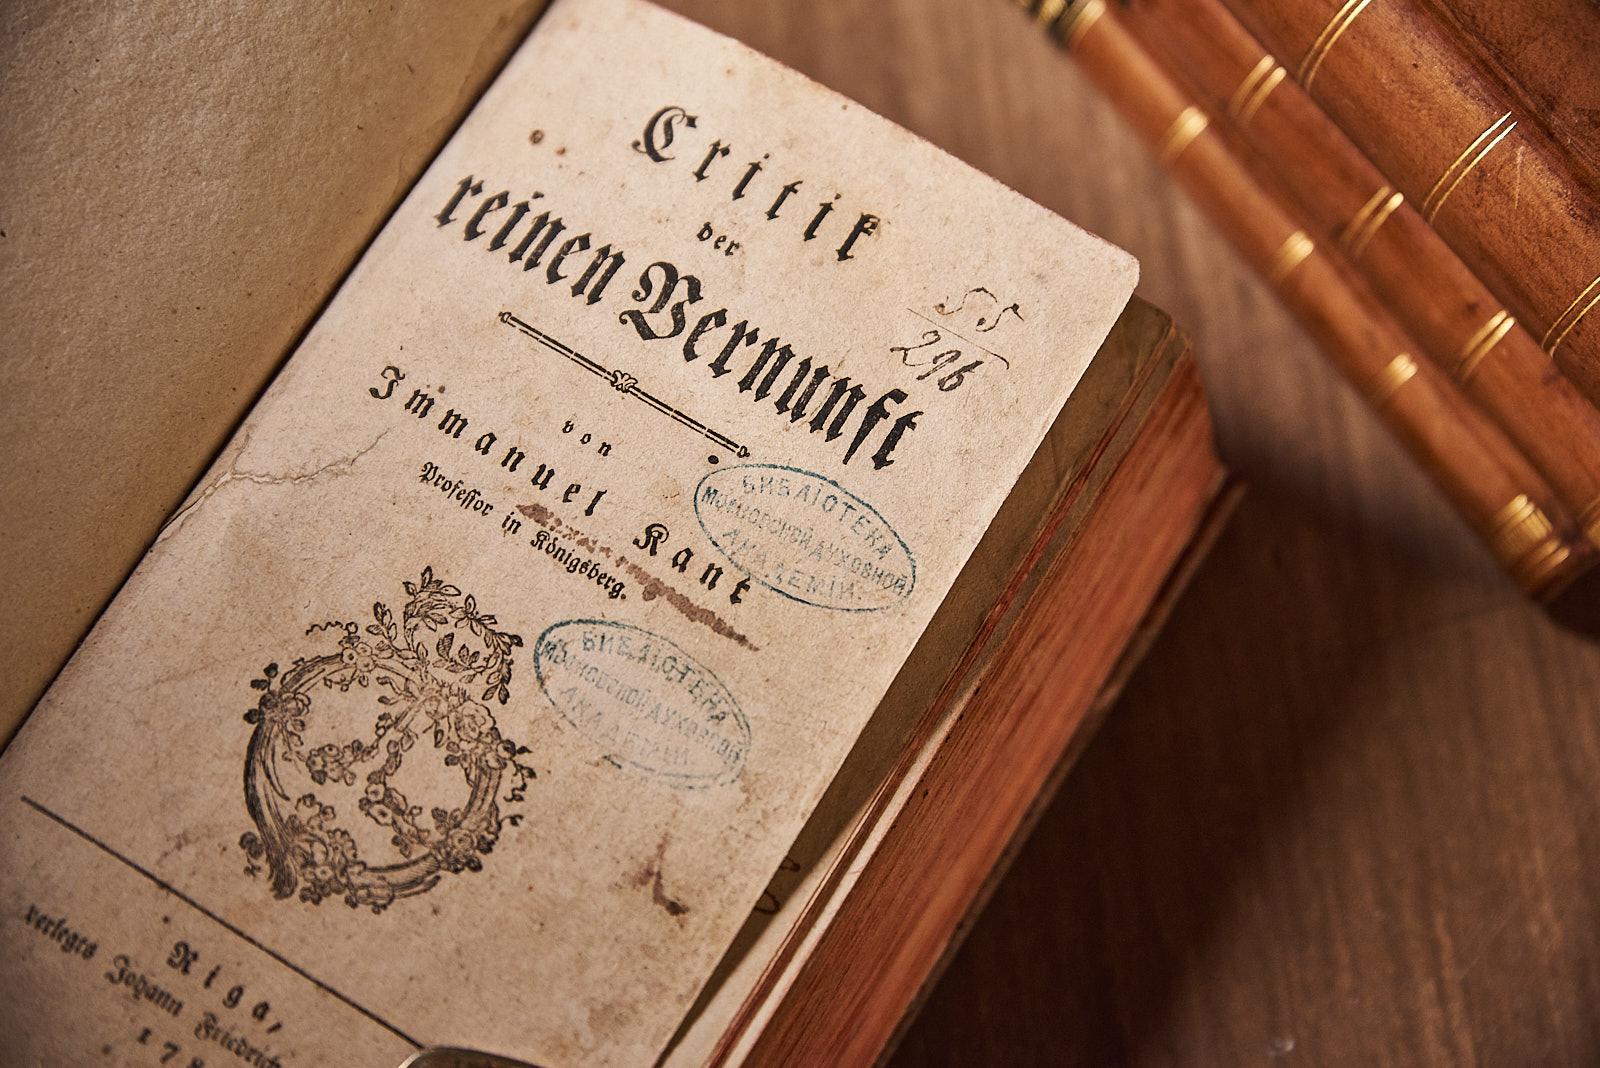 Immanuel Kant: Critik der reine Vernunft. Erste Ausgabe, Riga 1781.